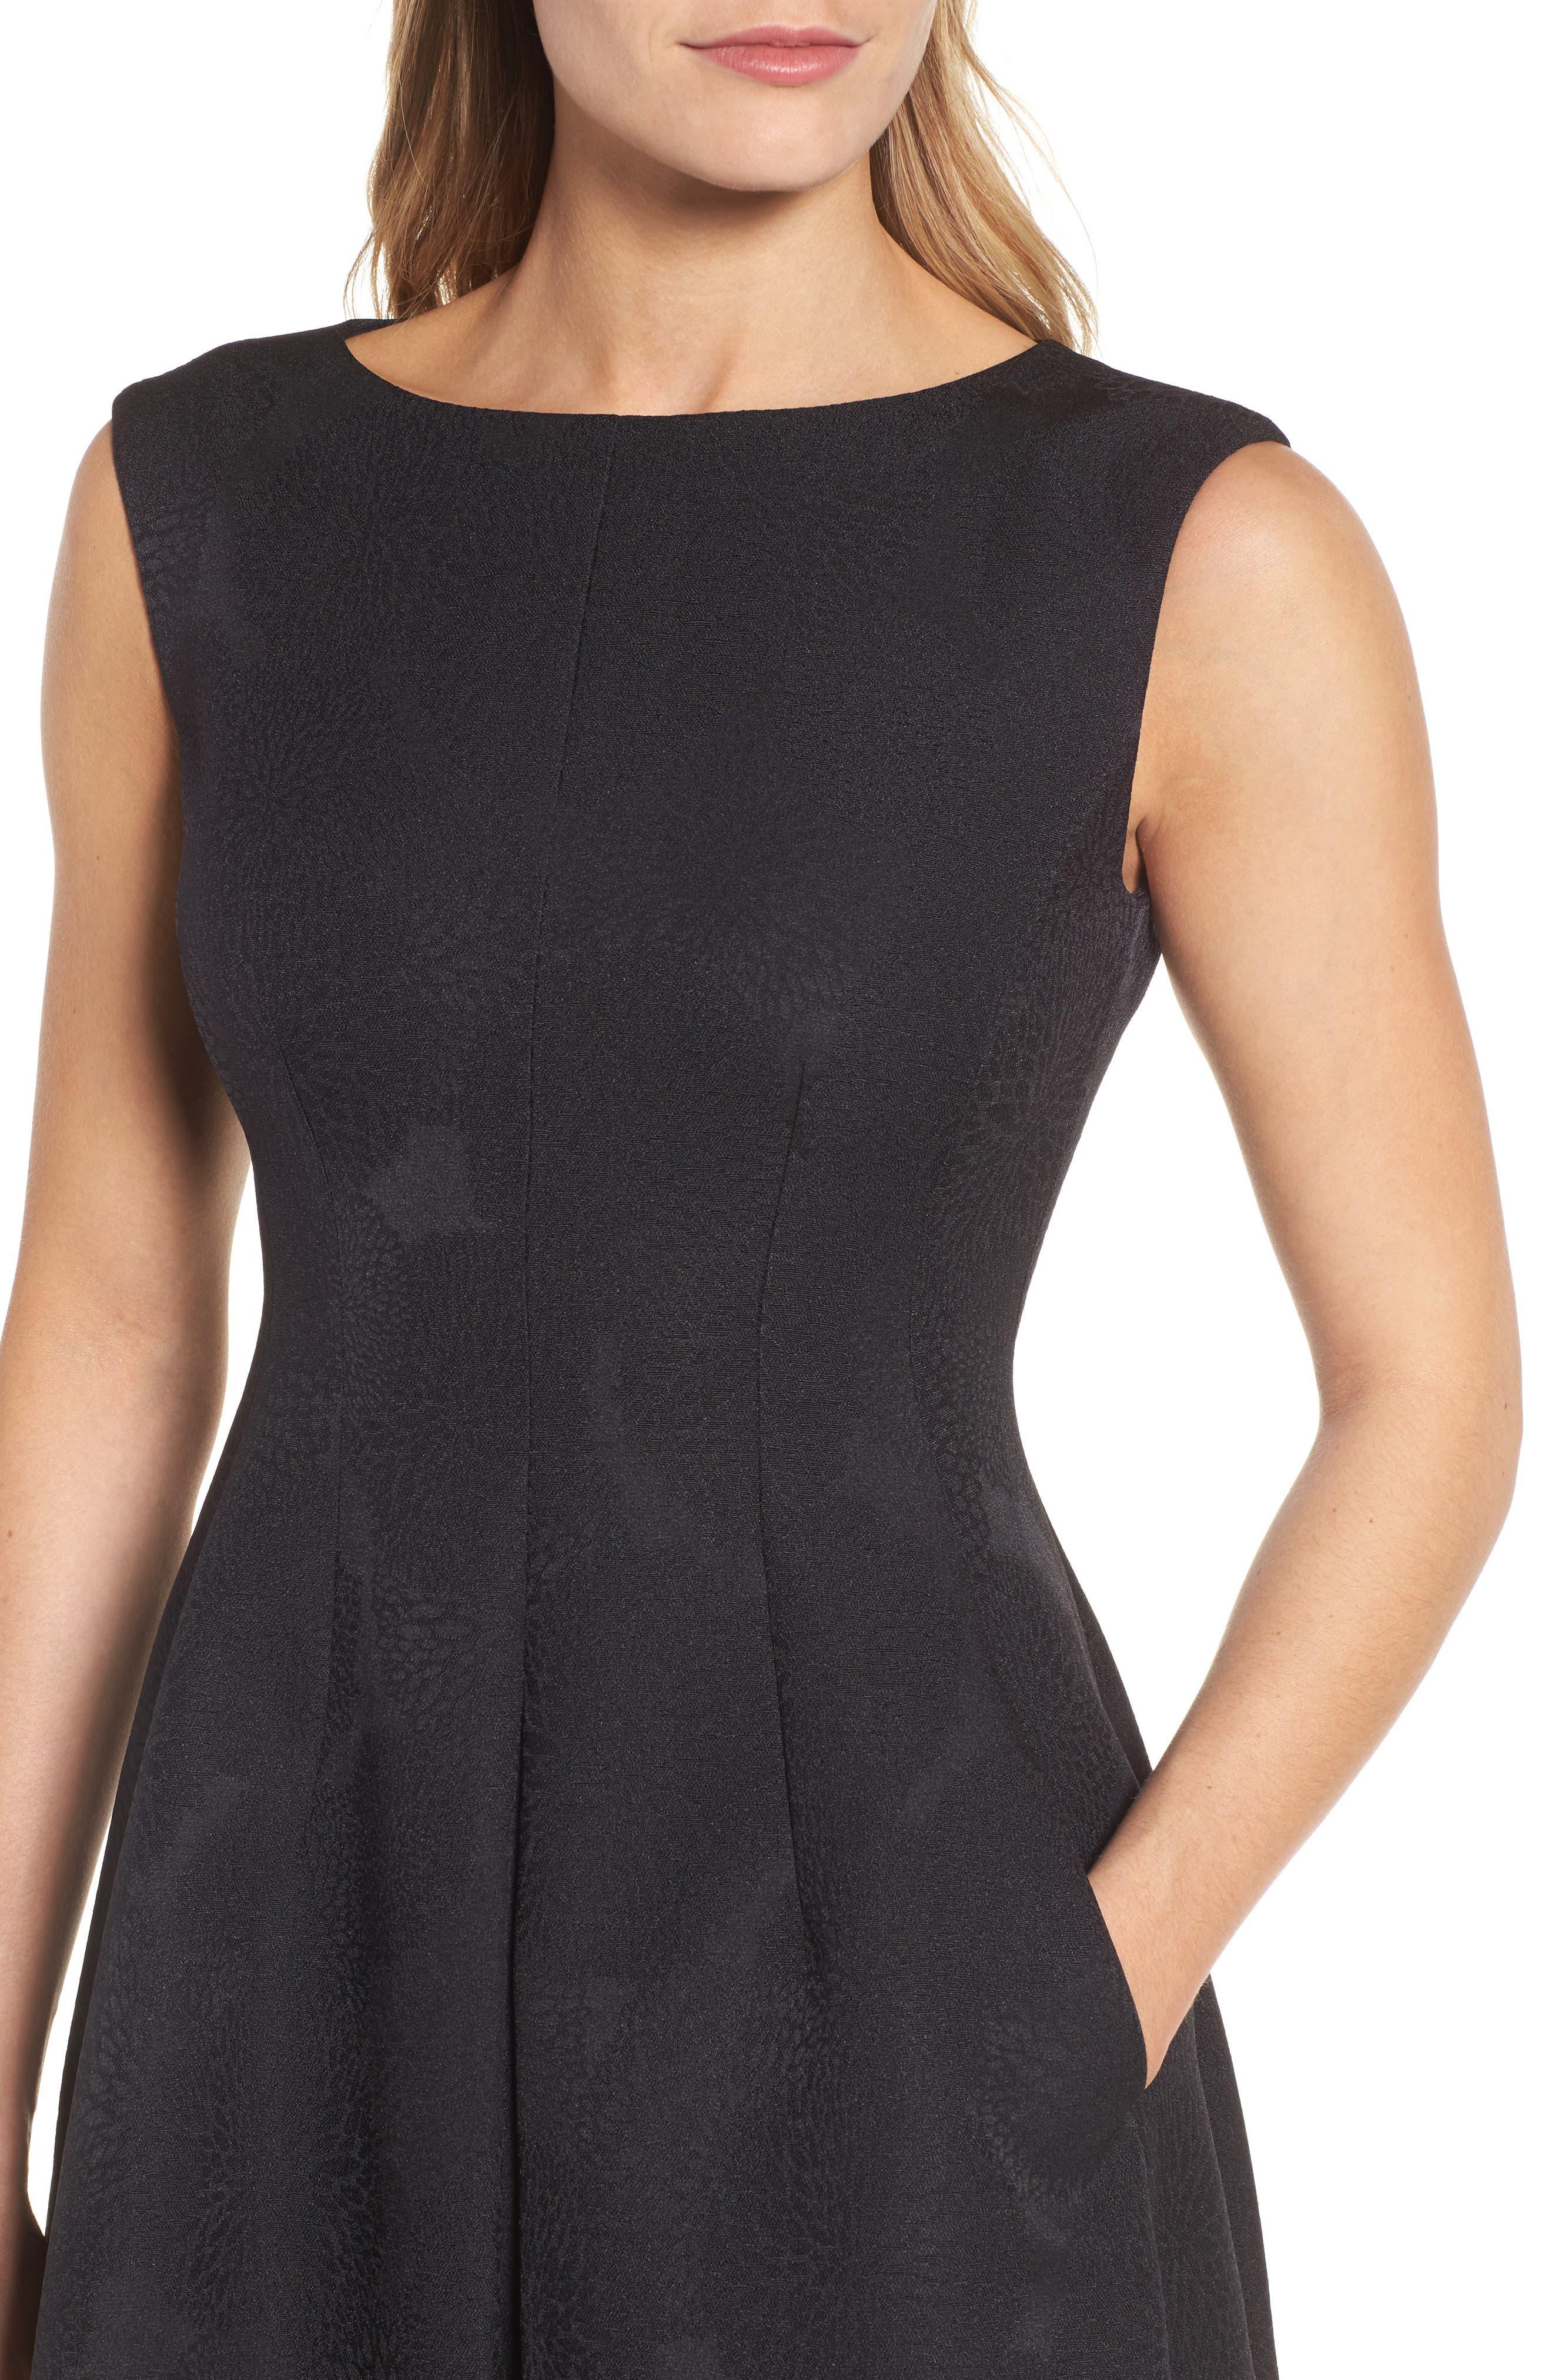 Jacqaurd Fit & Flare Dress,                             Alternate thumbnail 4, color,                             Black